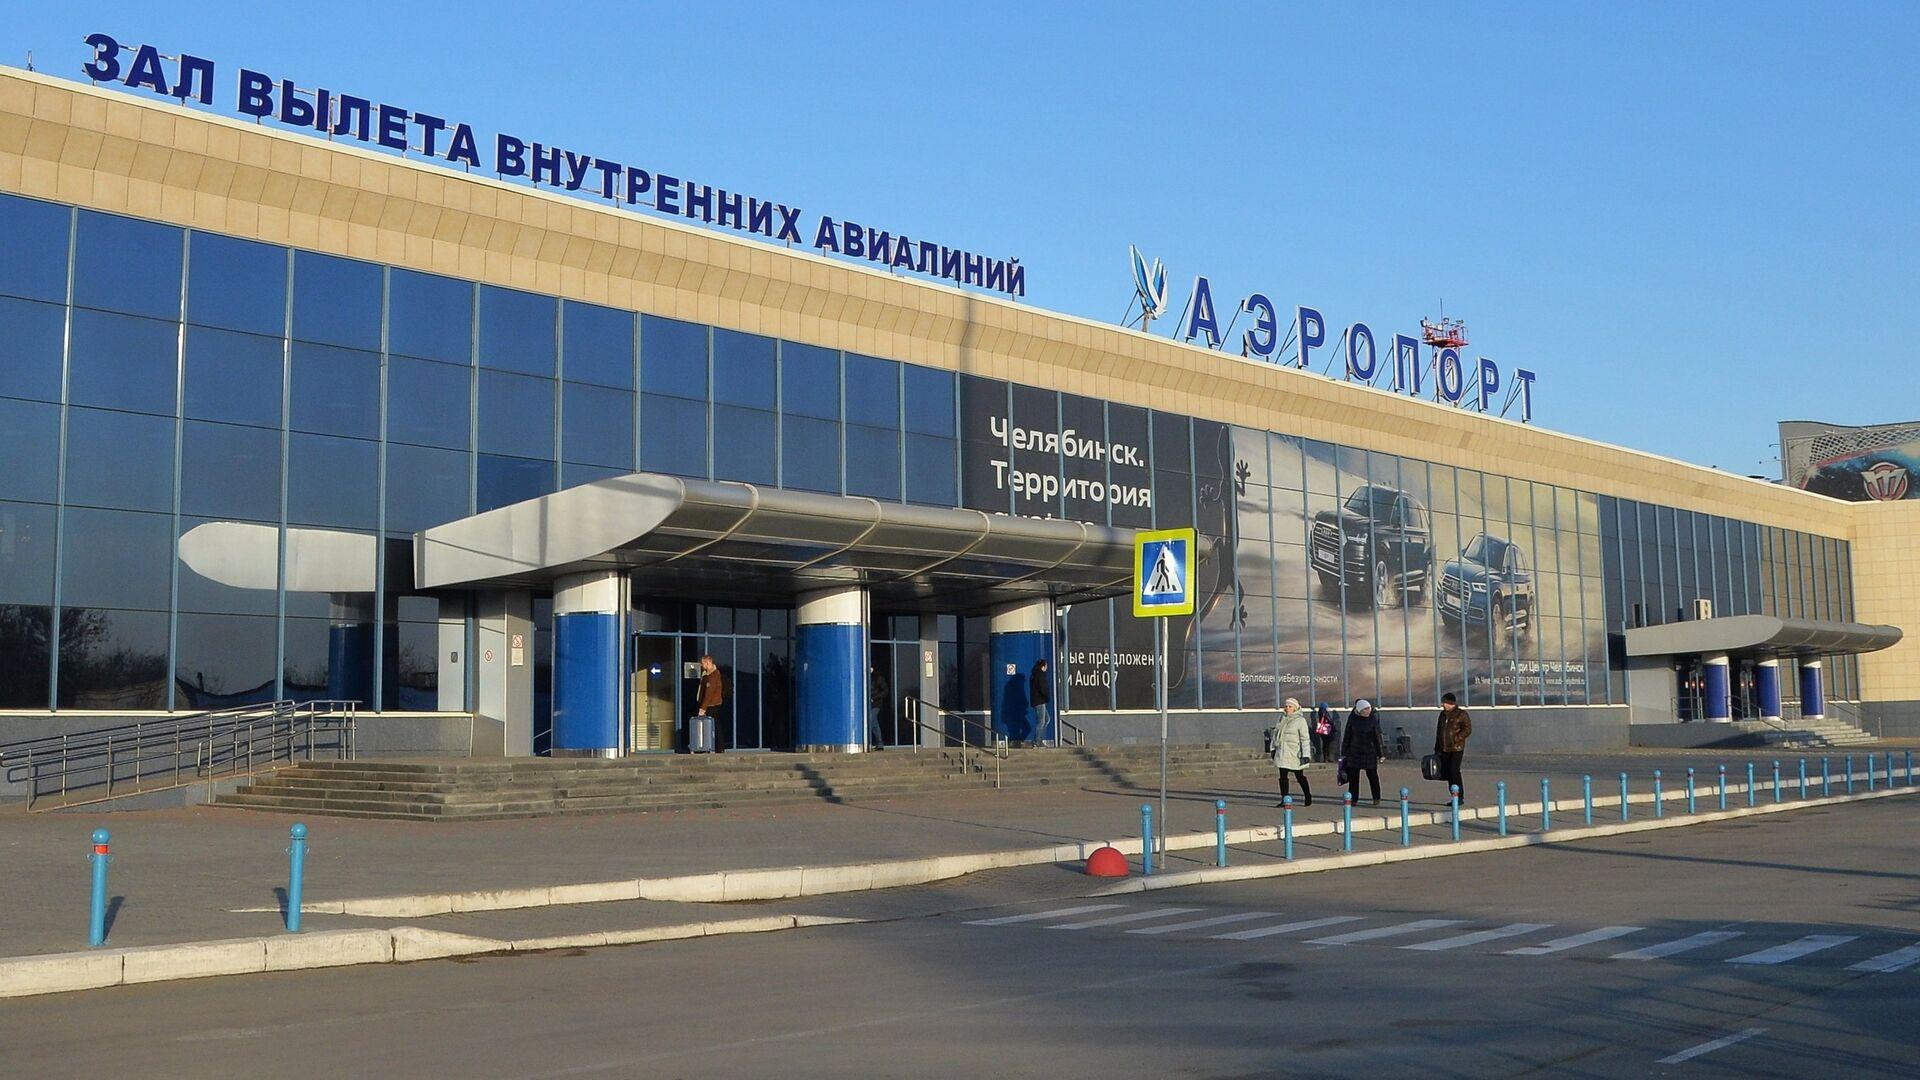 1532479008 0:463:2818:2048 1920x0 80 0 0 d801c2ecc7aeea3684921cf613ba2d92 - Два российских аэропорта проверят из-за несоблюдения масочного режима